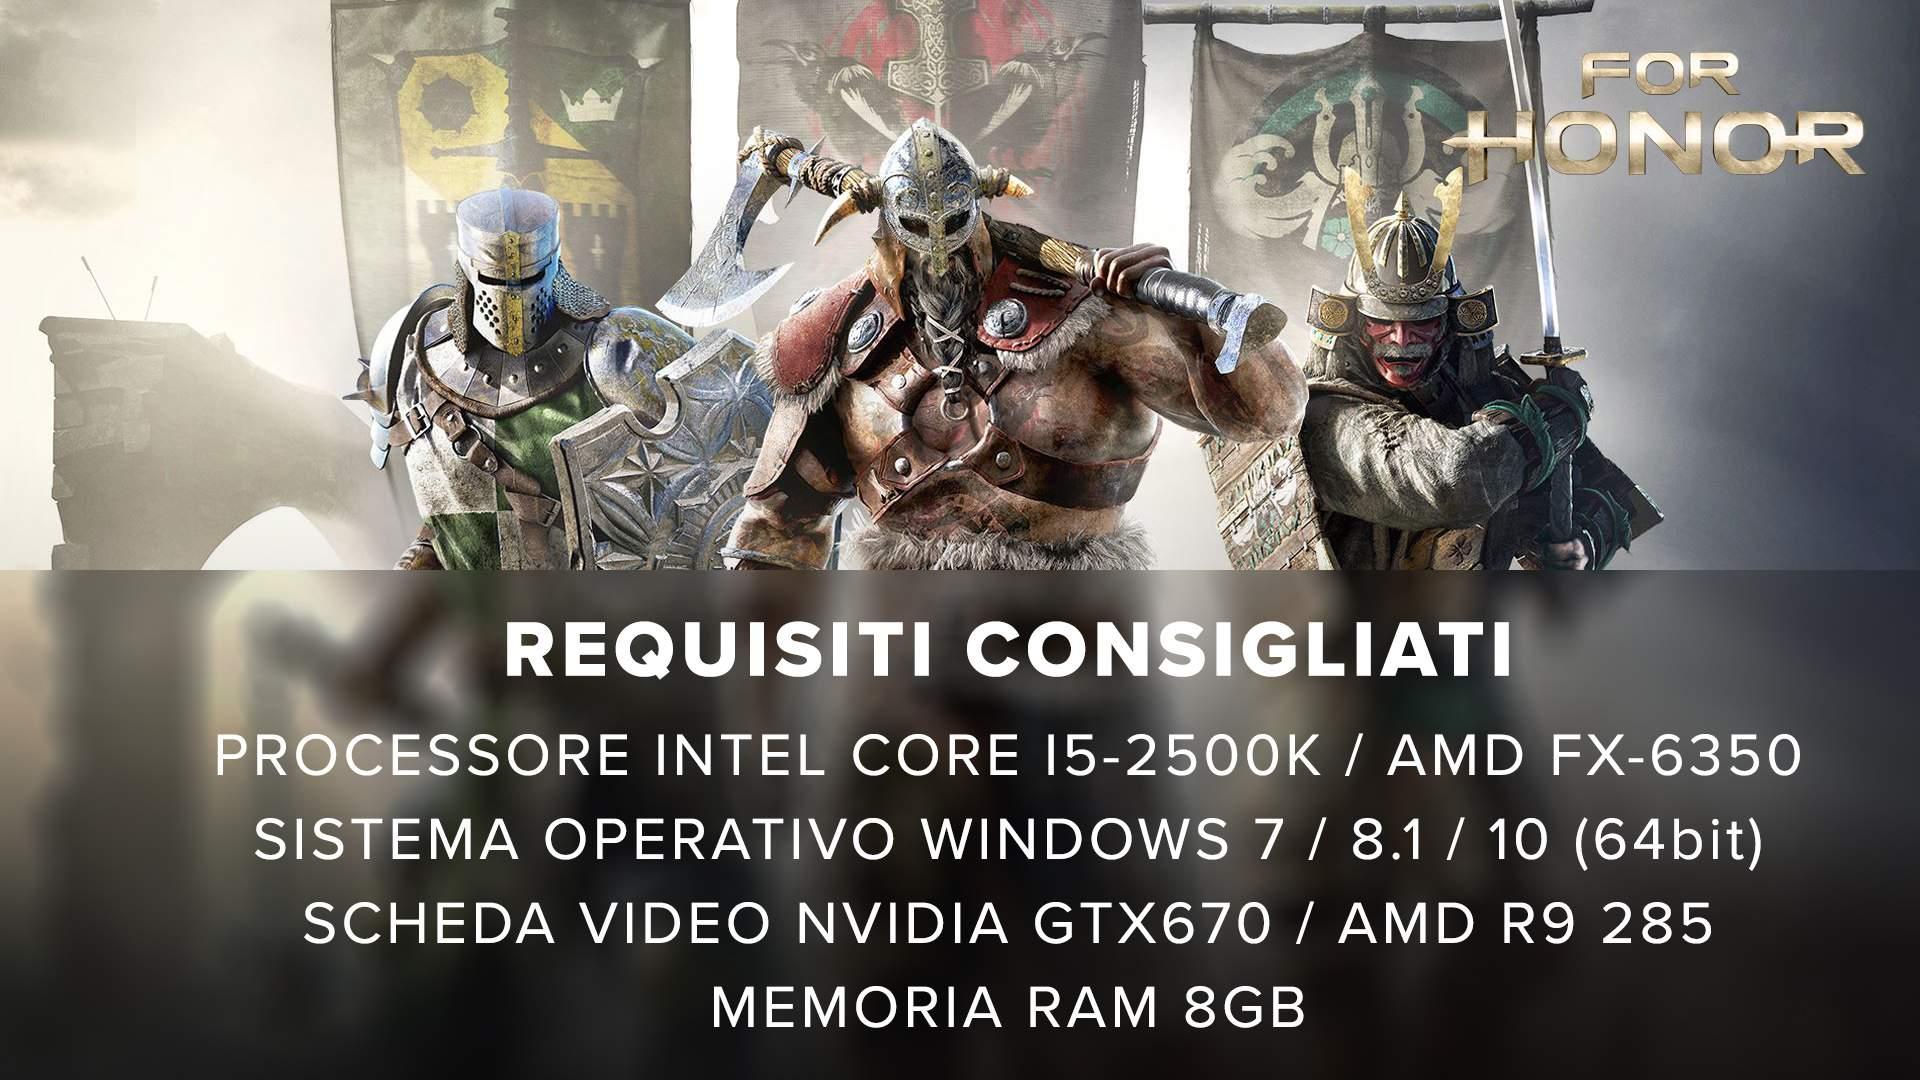 Requisiti consigliati for honor ollo g3 gaming advanced